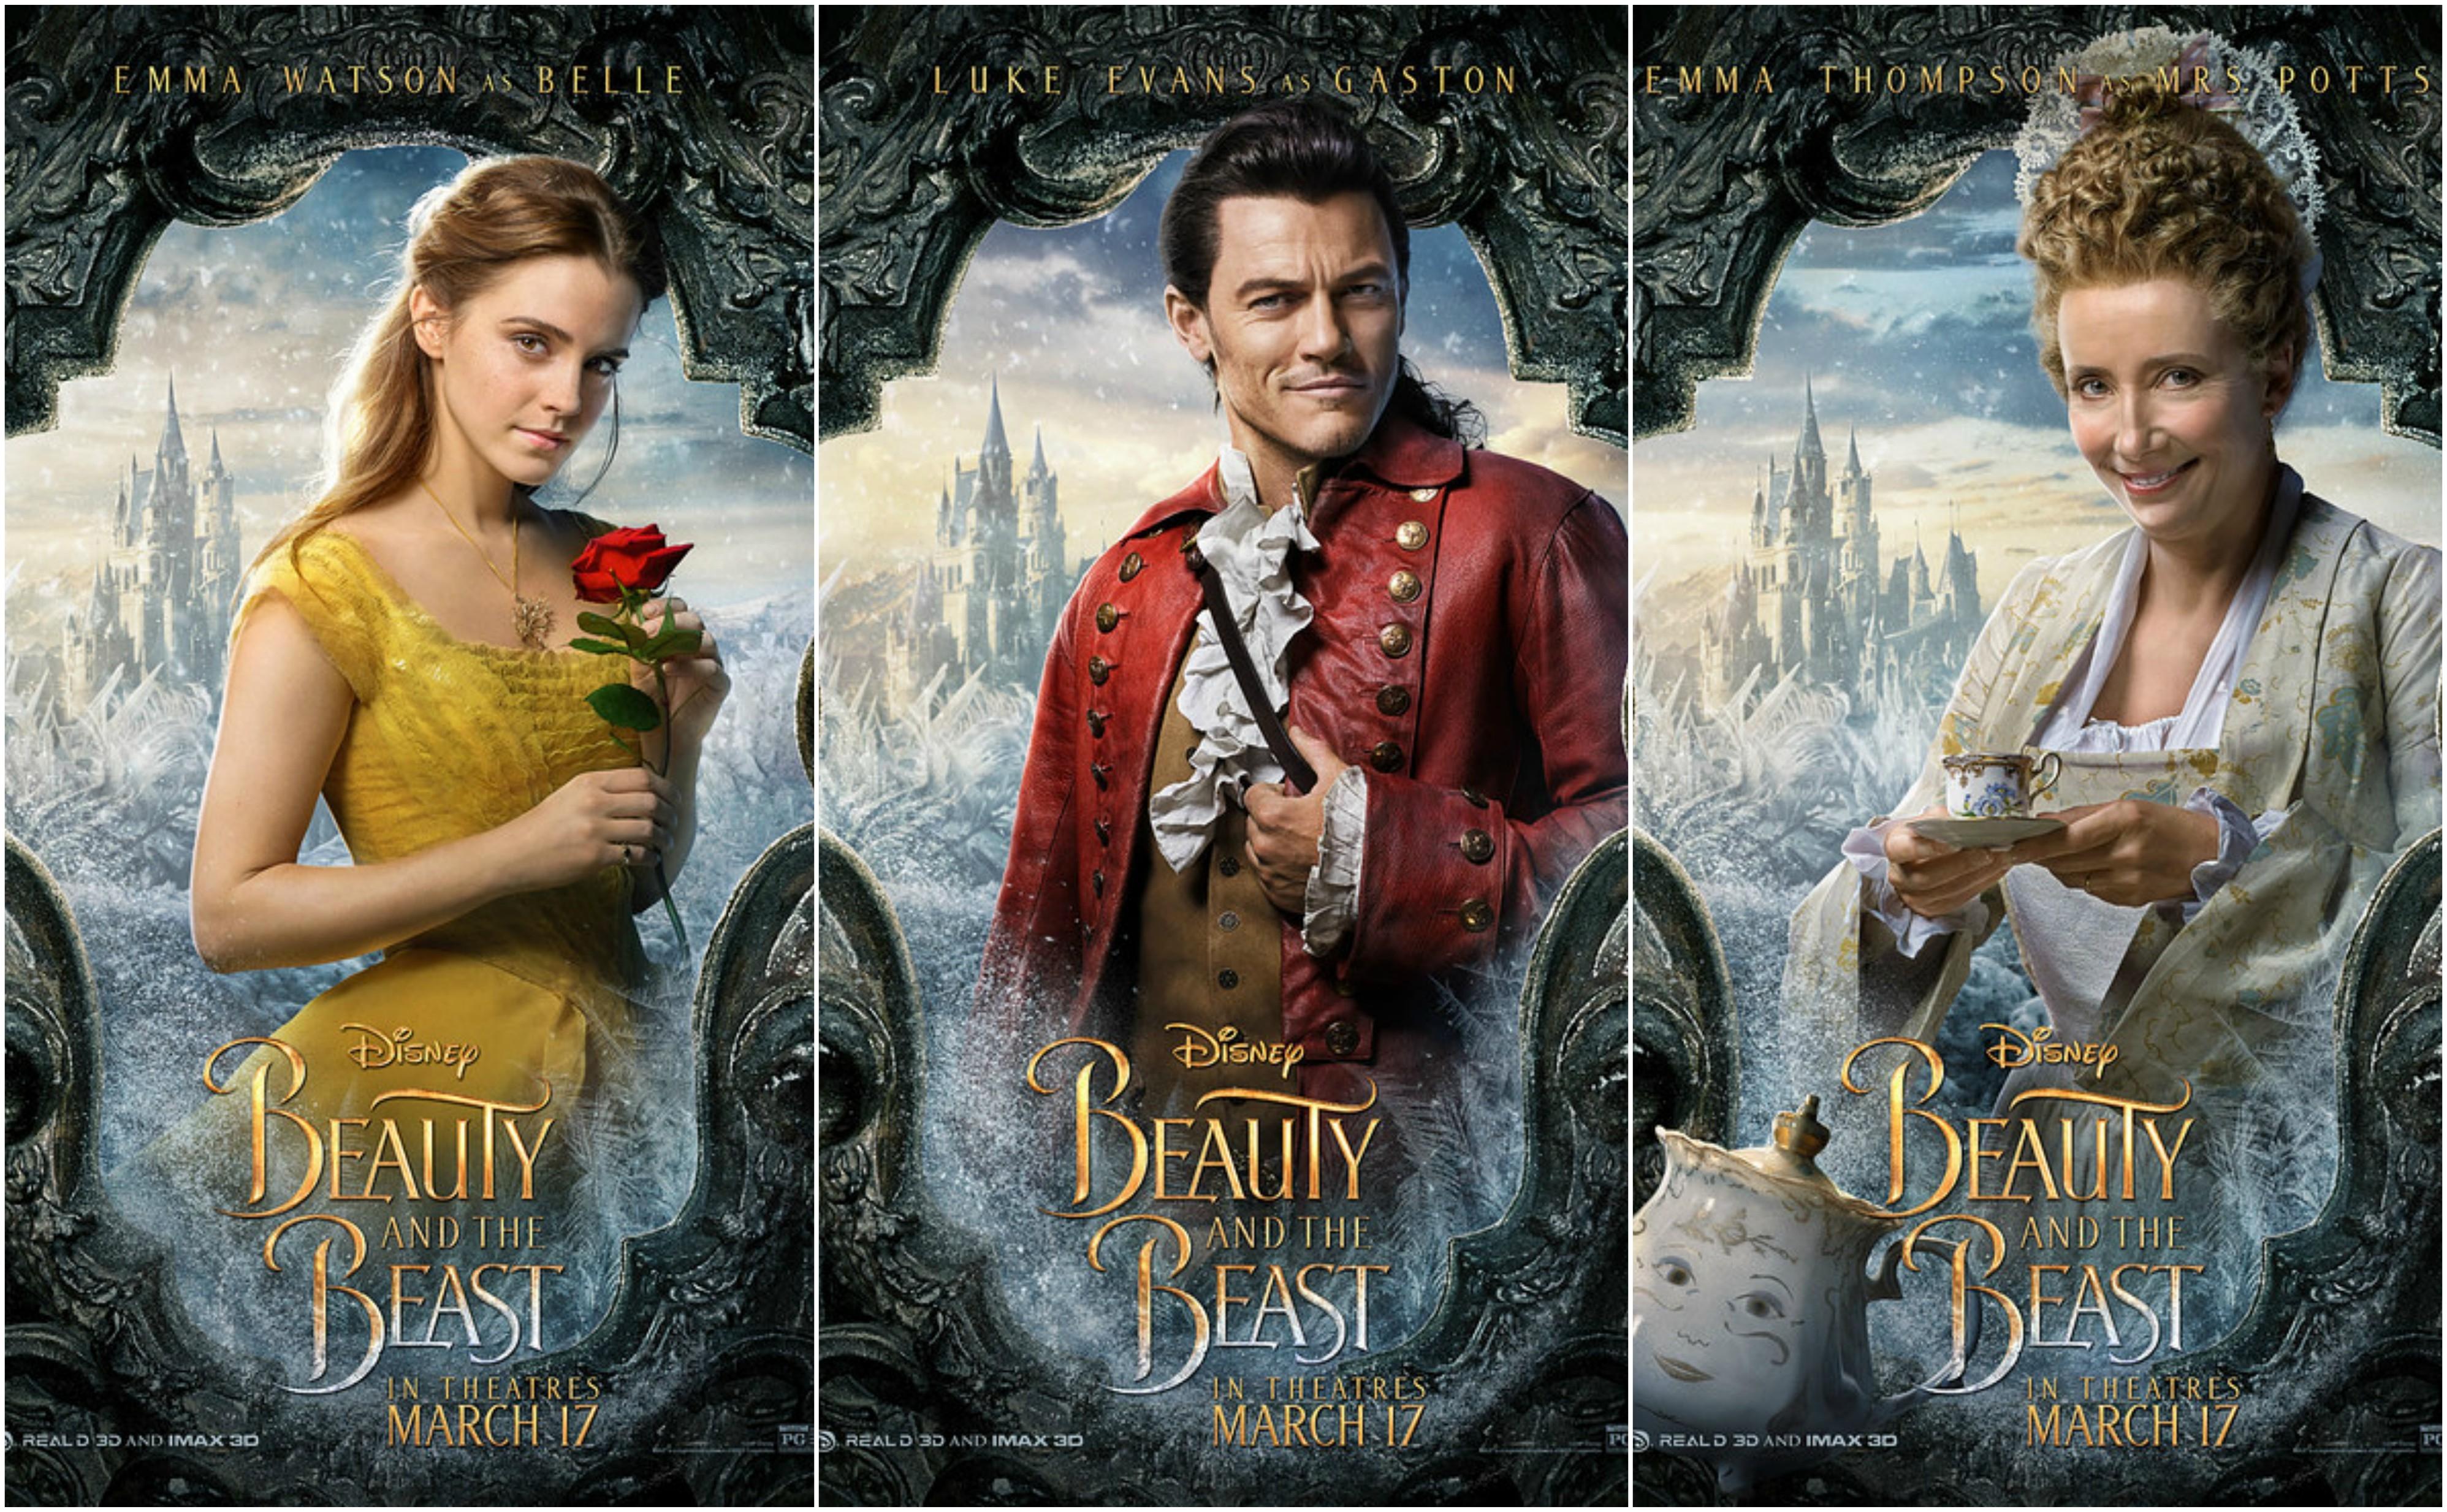 Beauty And The Beast 2017 Beauty And The Beast Vs Beauty And Beast 2017 Foto 40318221 Fanpop